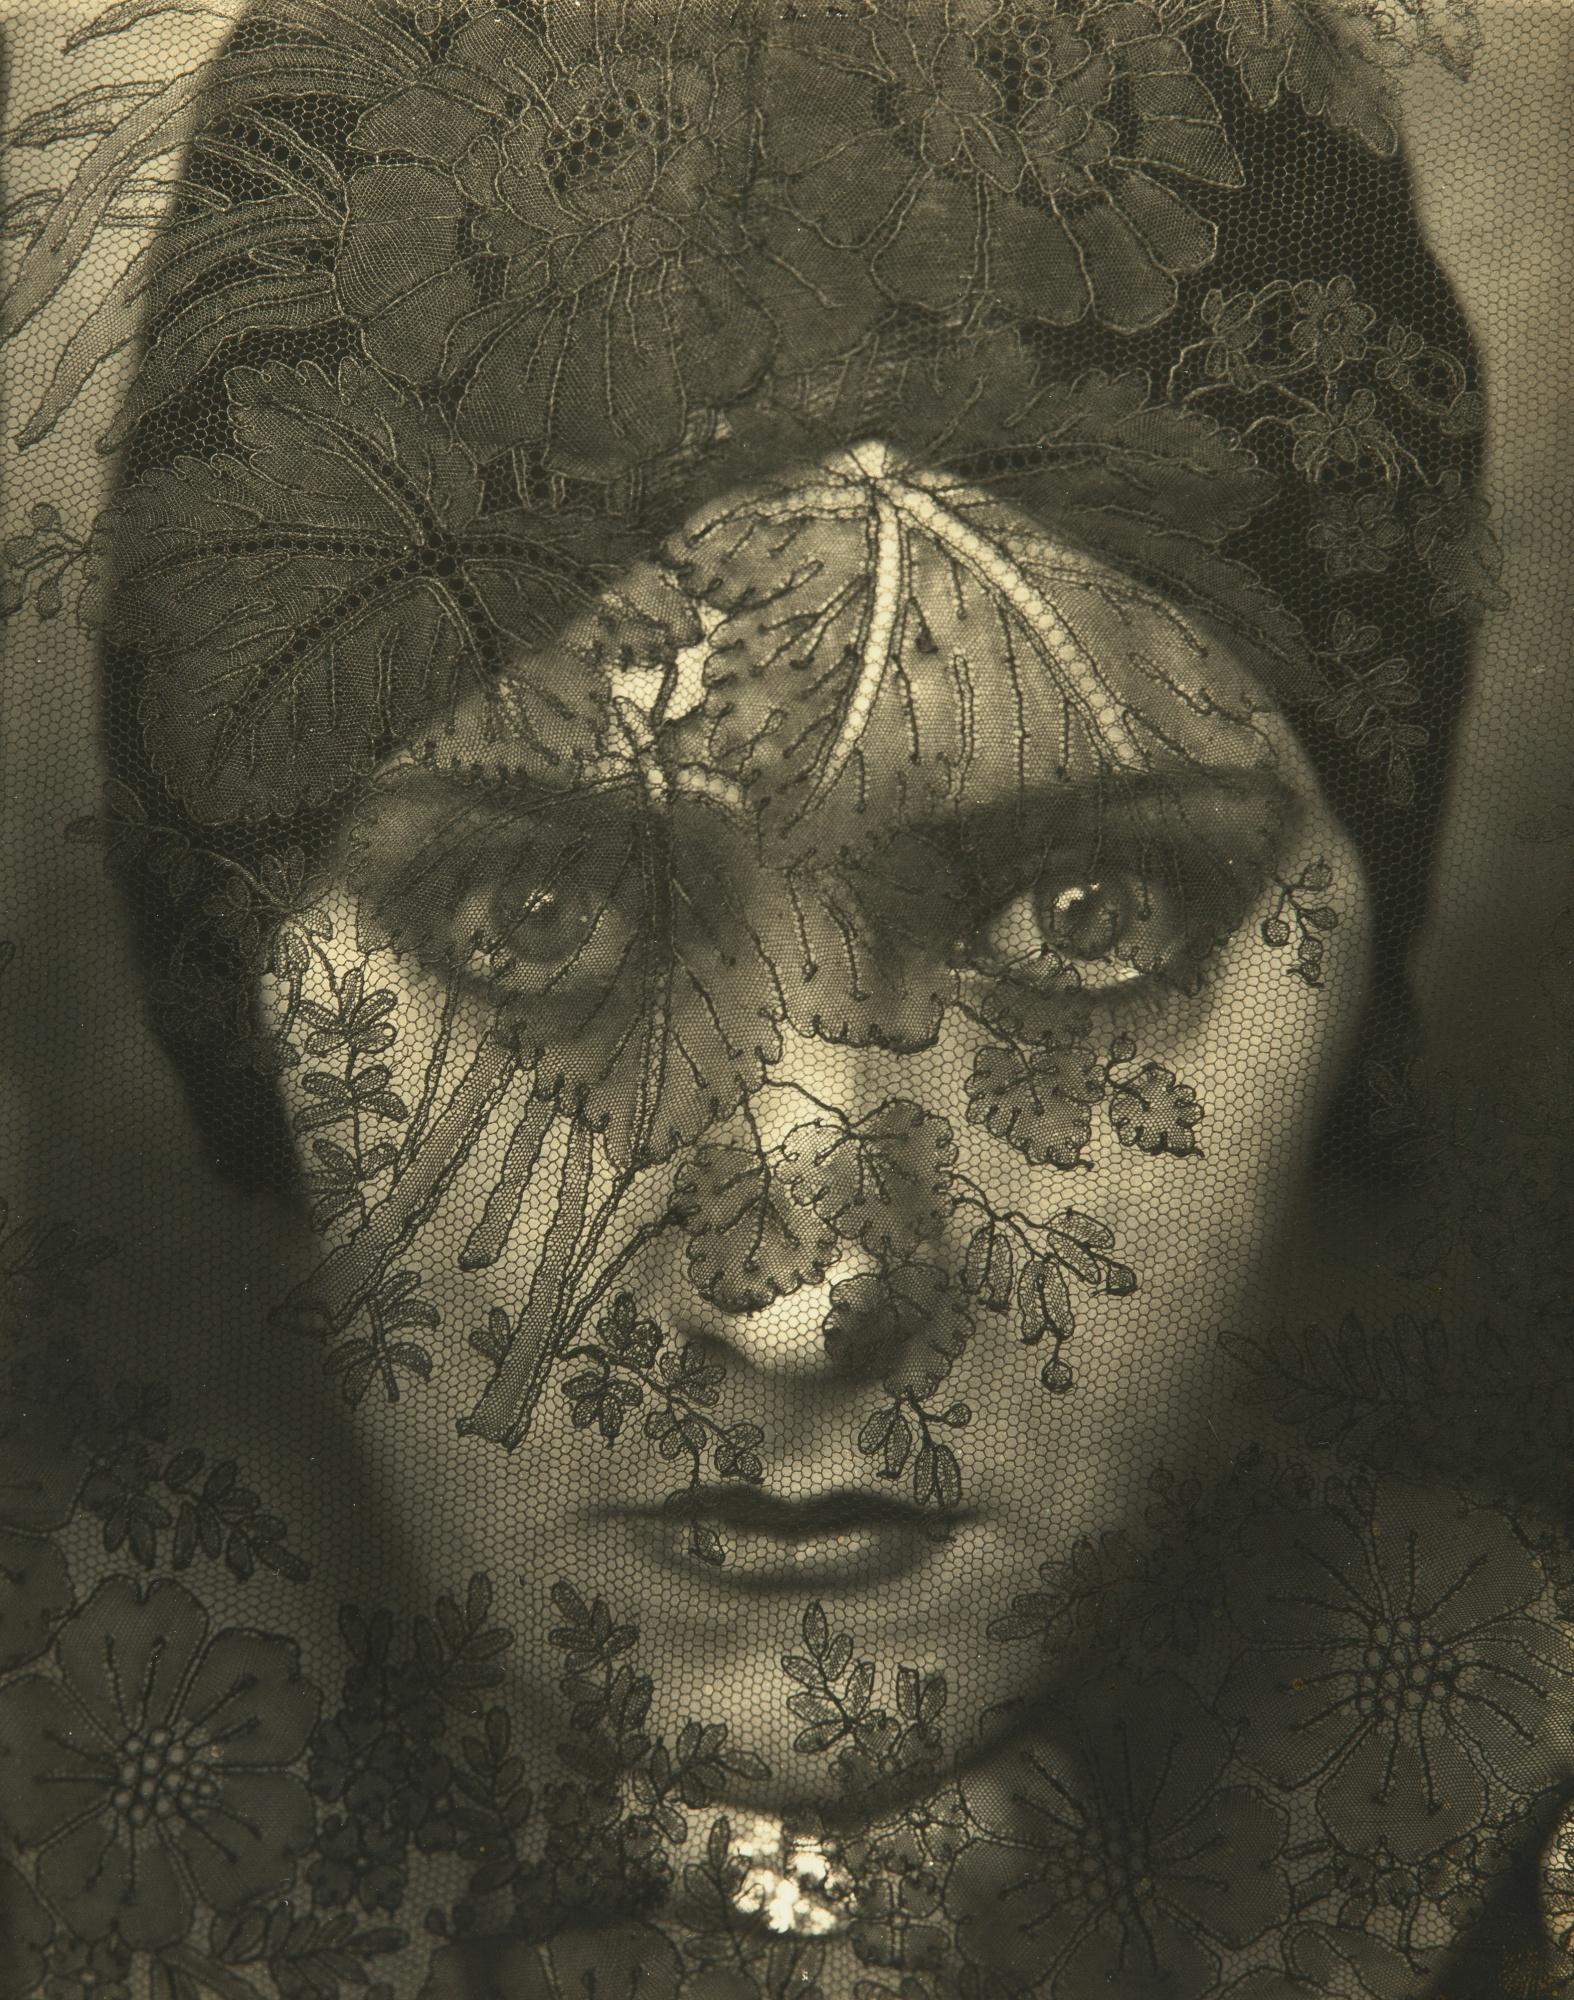 Edward Steichen, Gloria Swanson, 1924, gelatin silver print